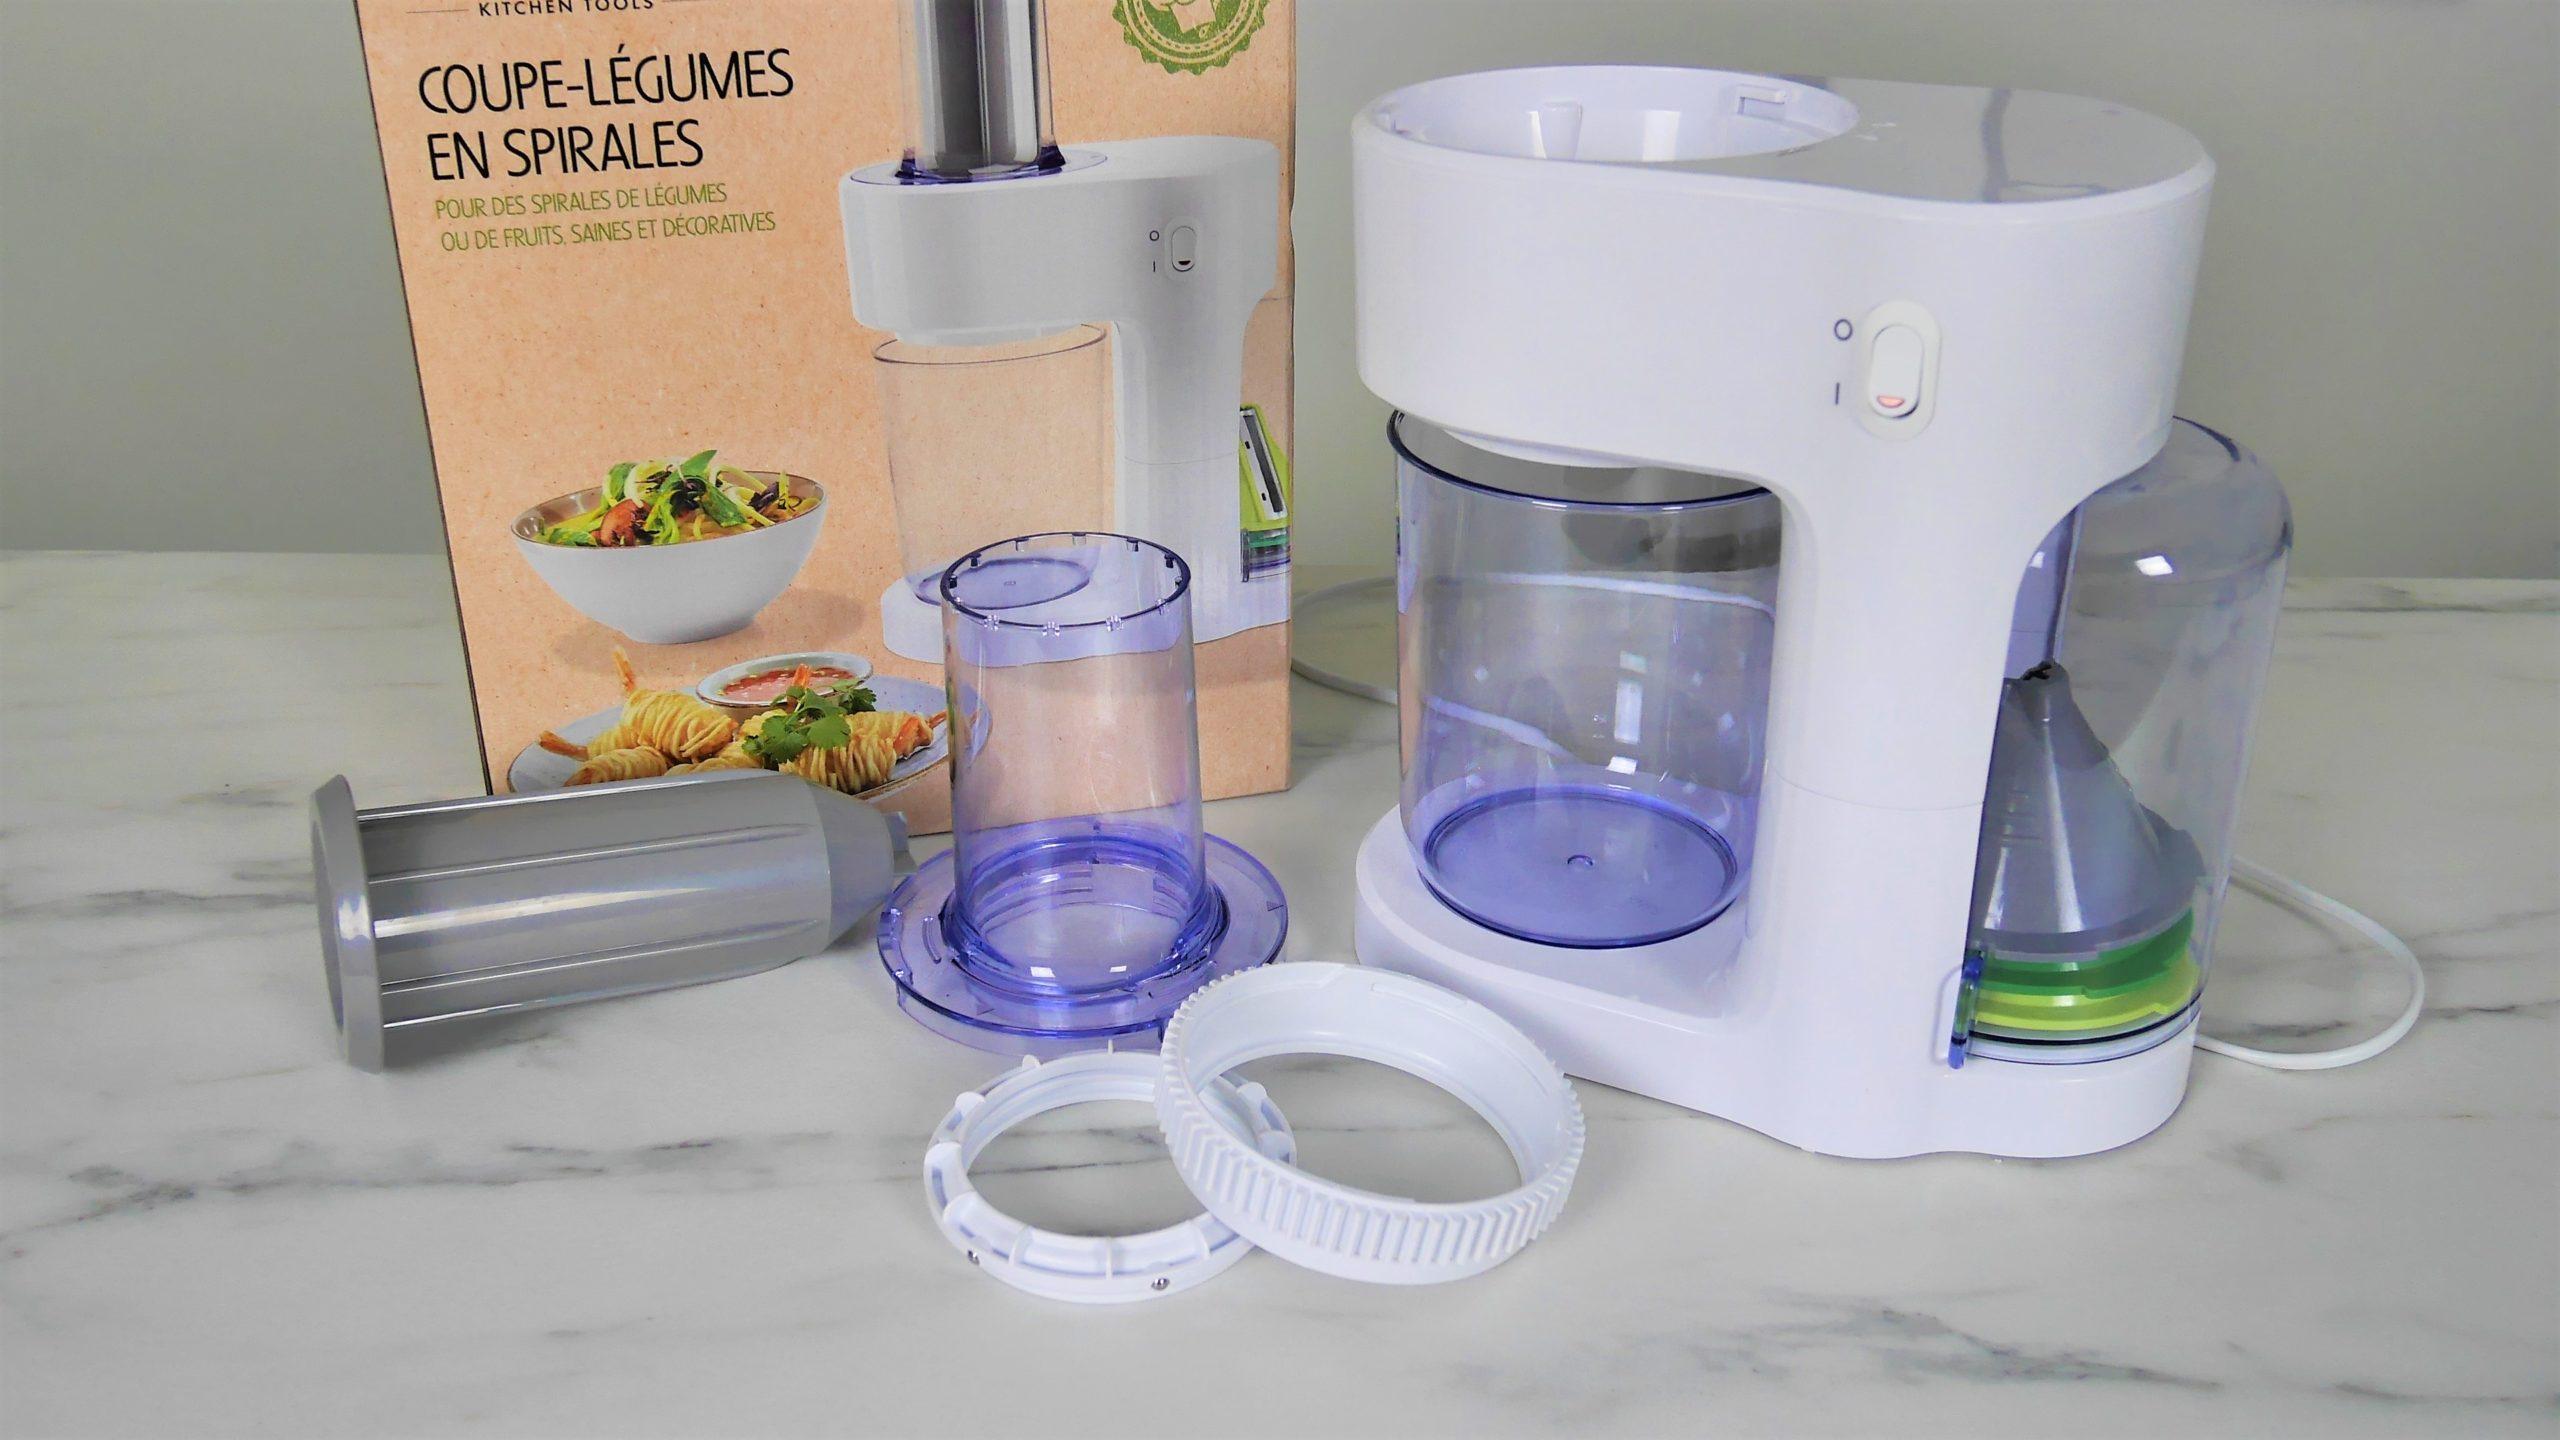 Coupe légumes en Spirales électrique Silvercrest Lidl